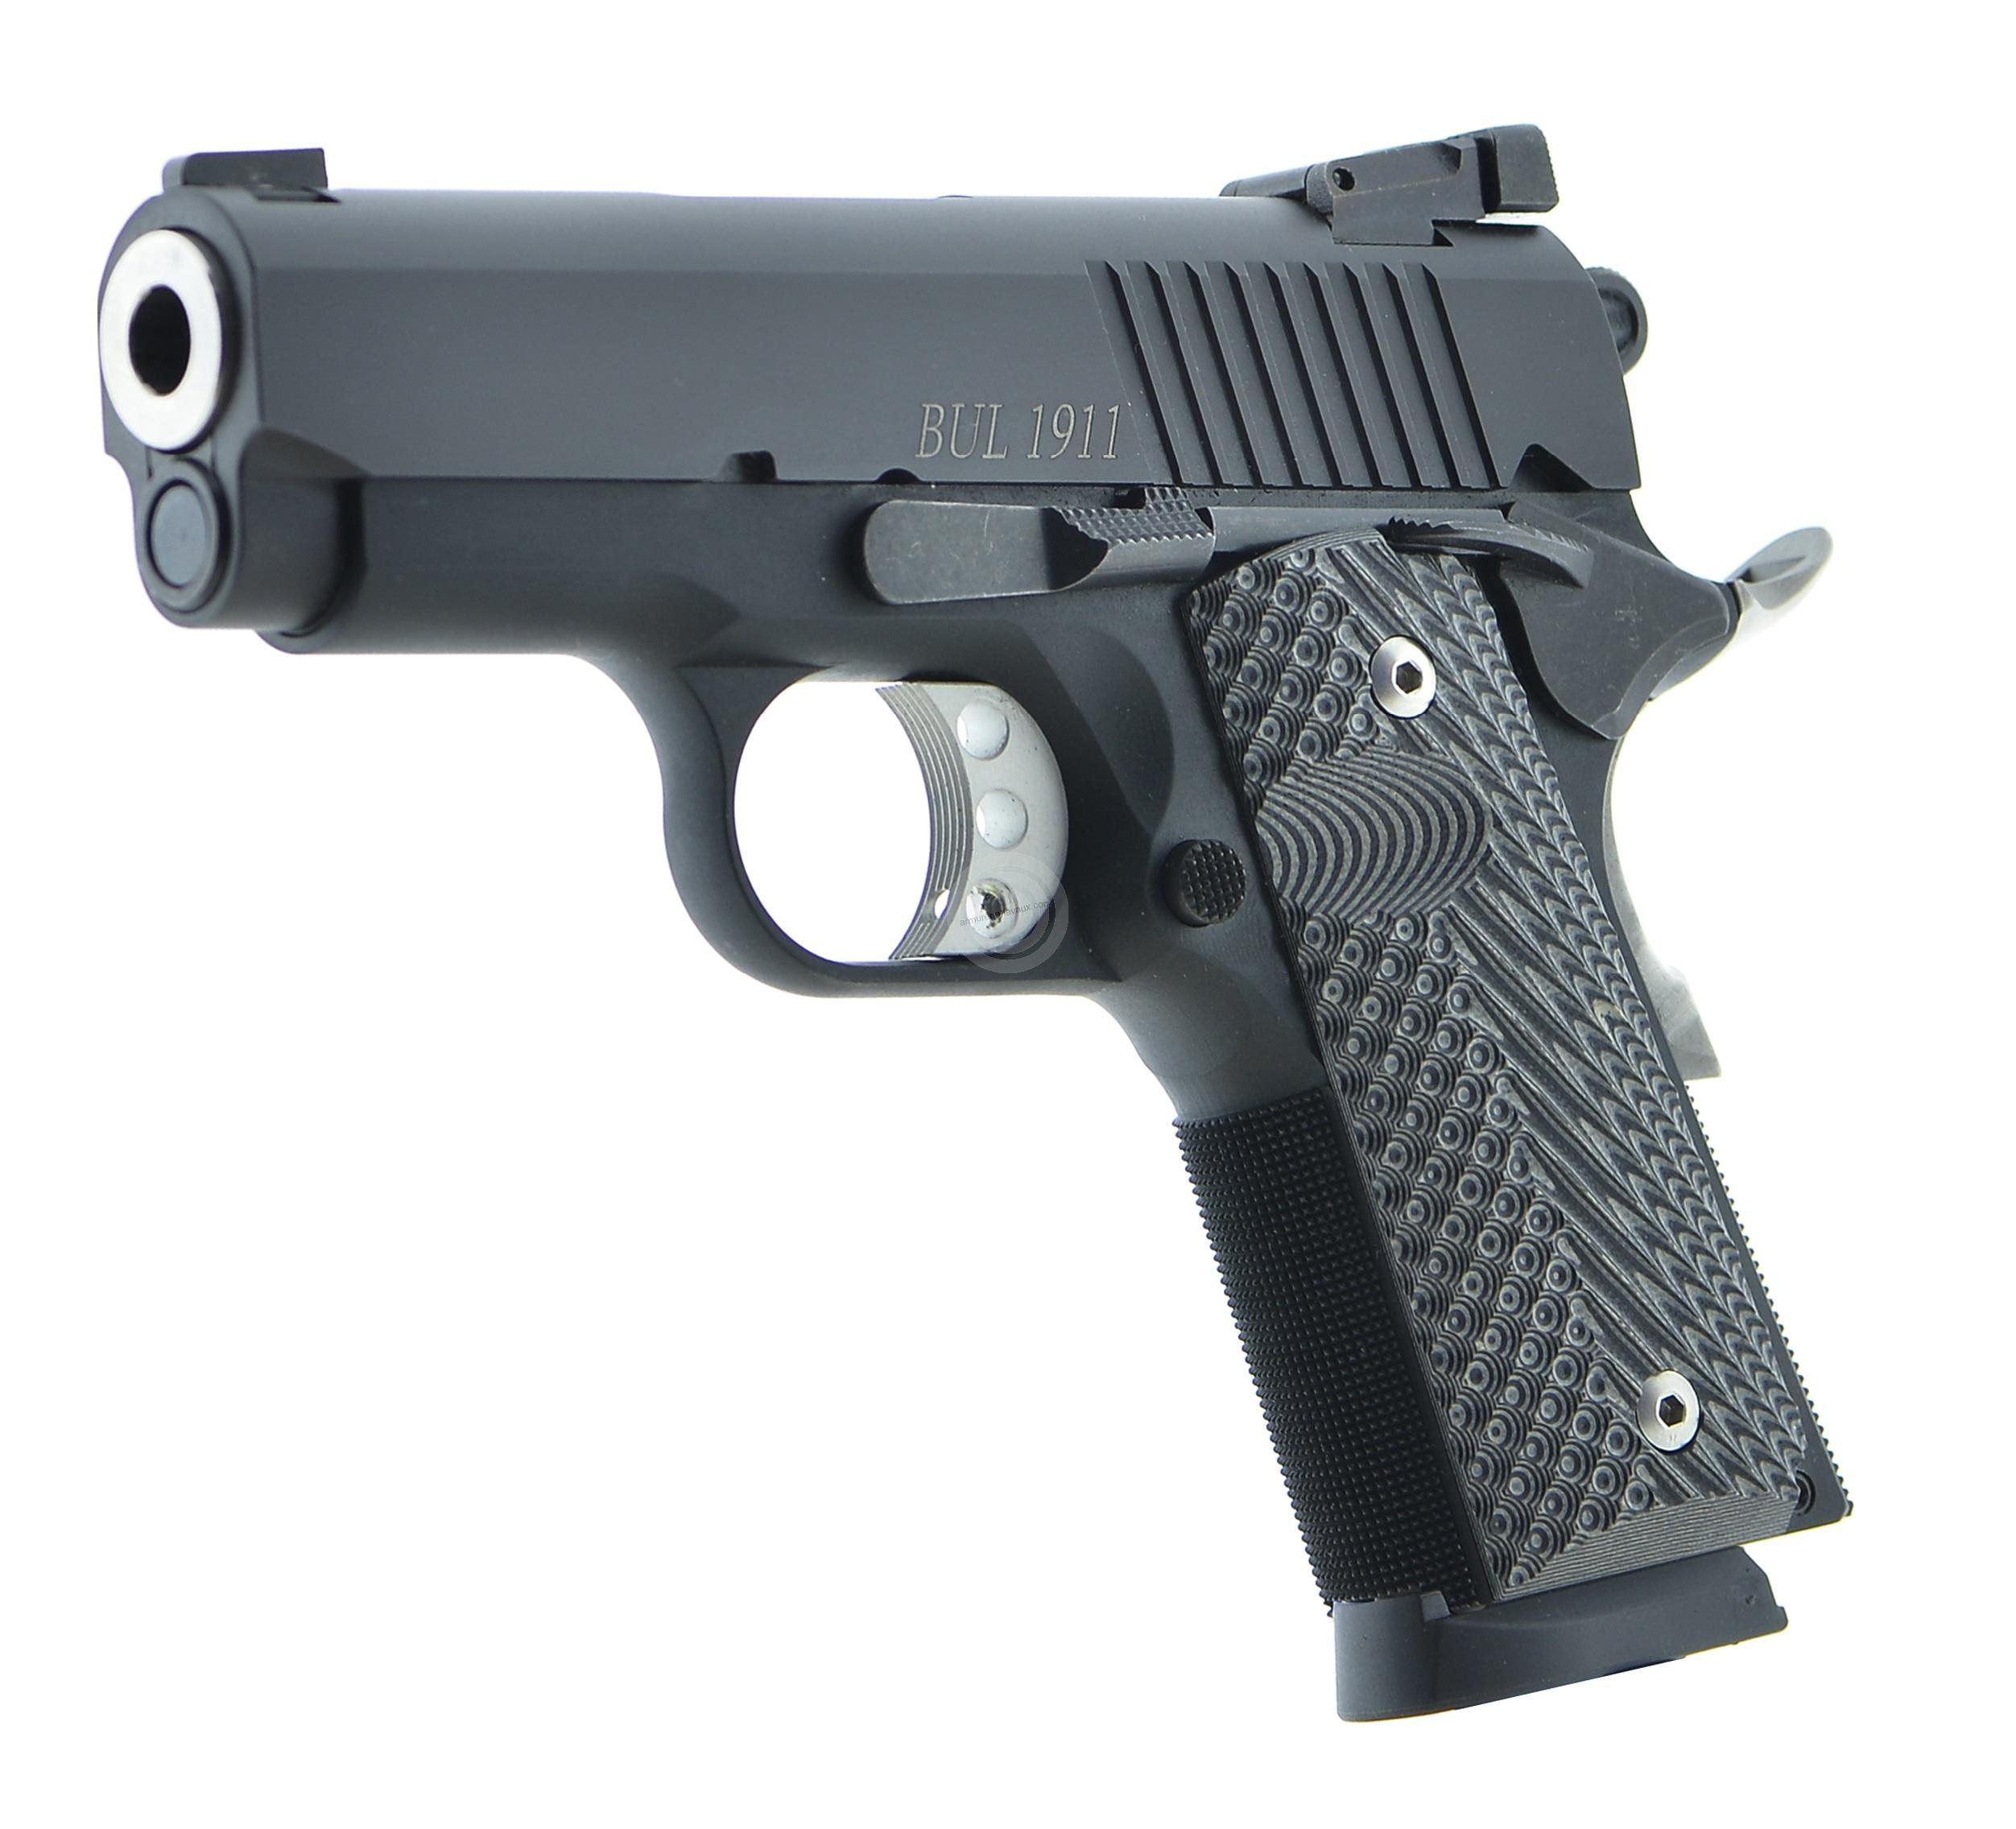 pistolet bul 1911 ultra 3 1 calibre 45 acp armes cat gorie b sur armurerie lavaux. Black Bedroom Furniture Sets. Home Design Ideas